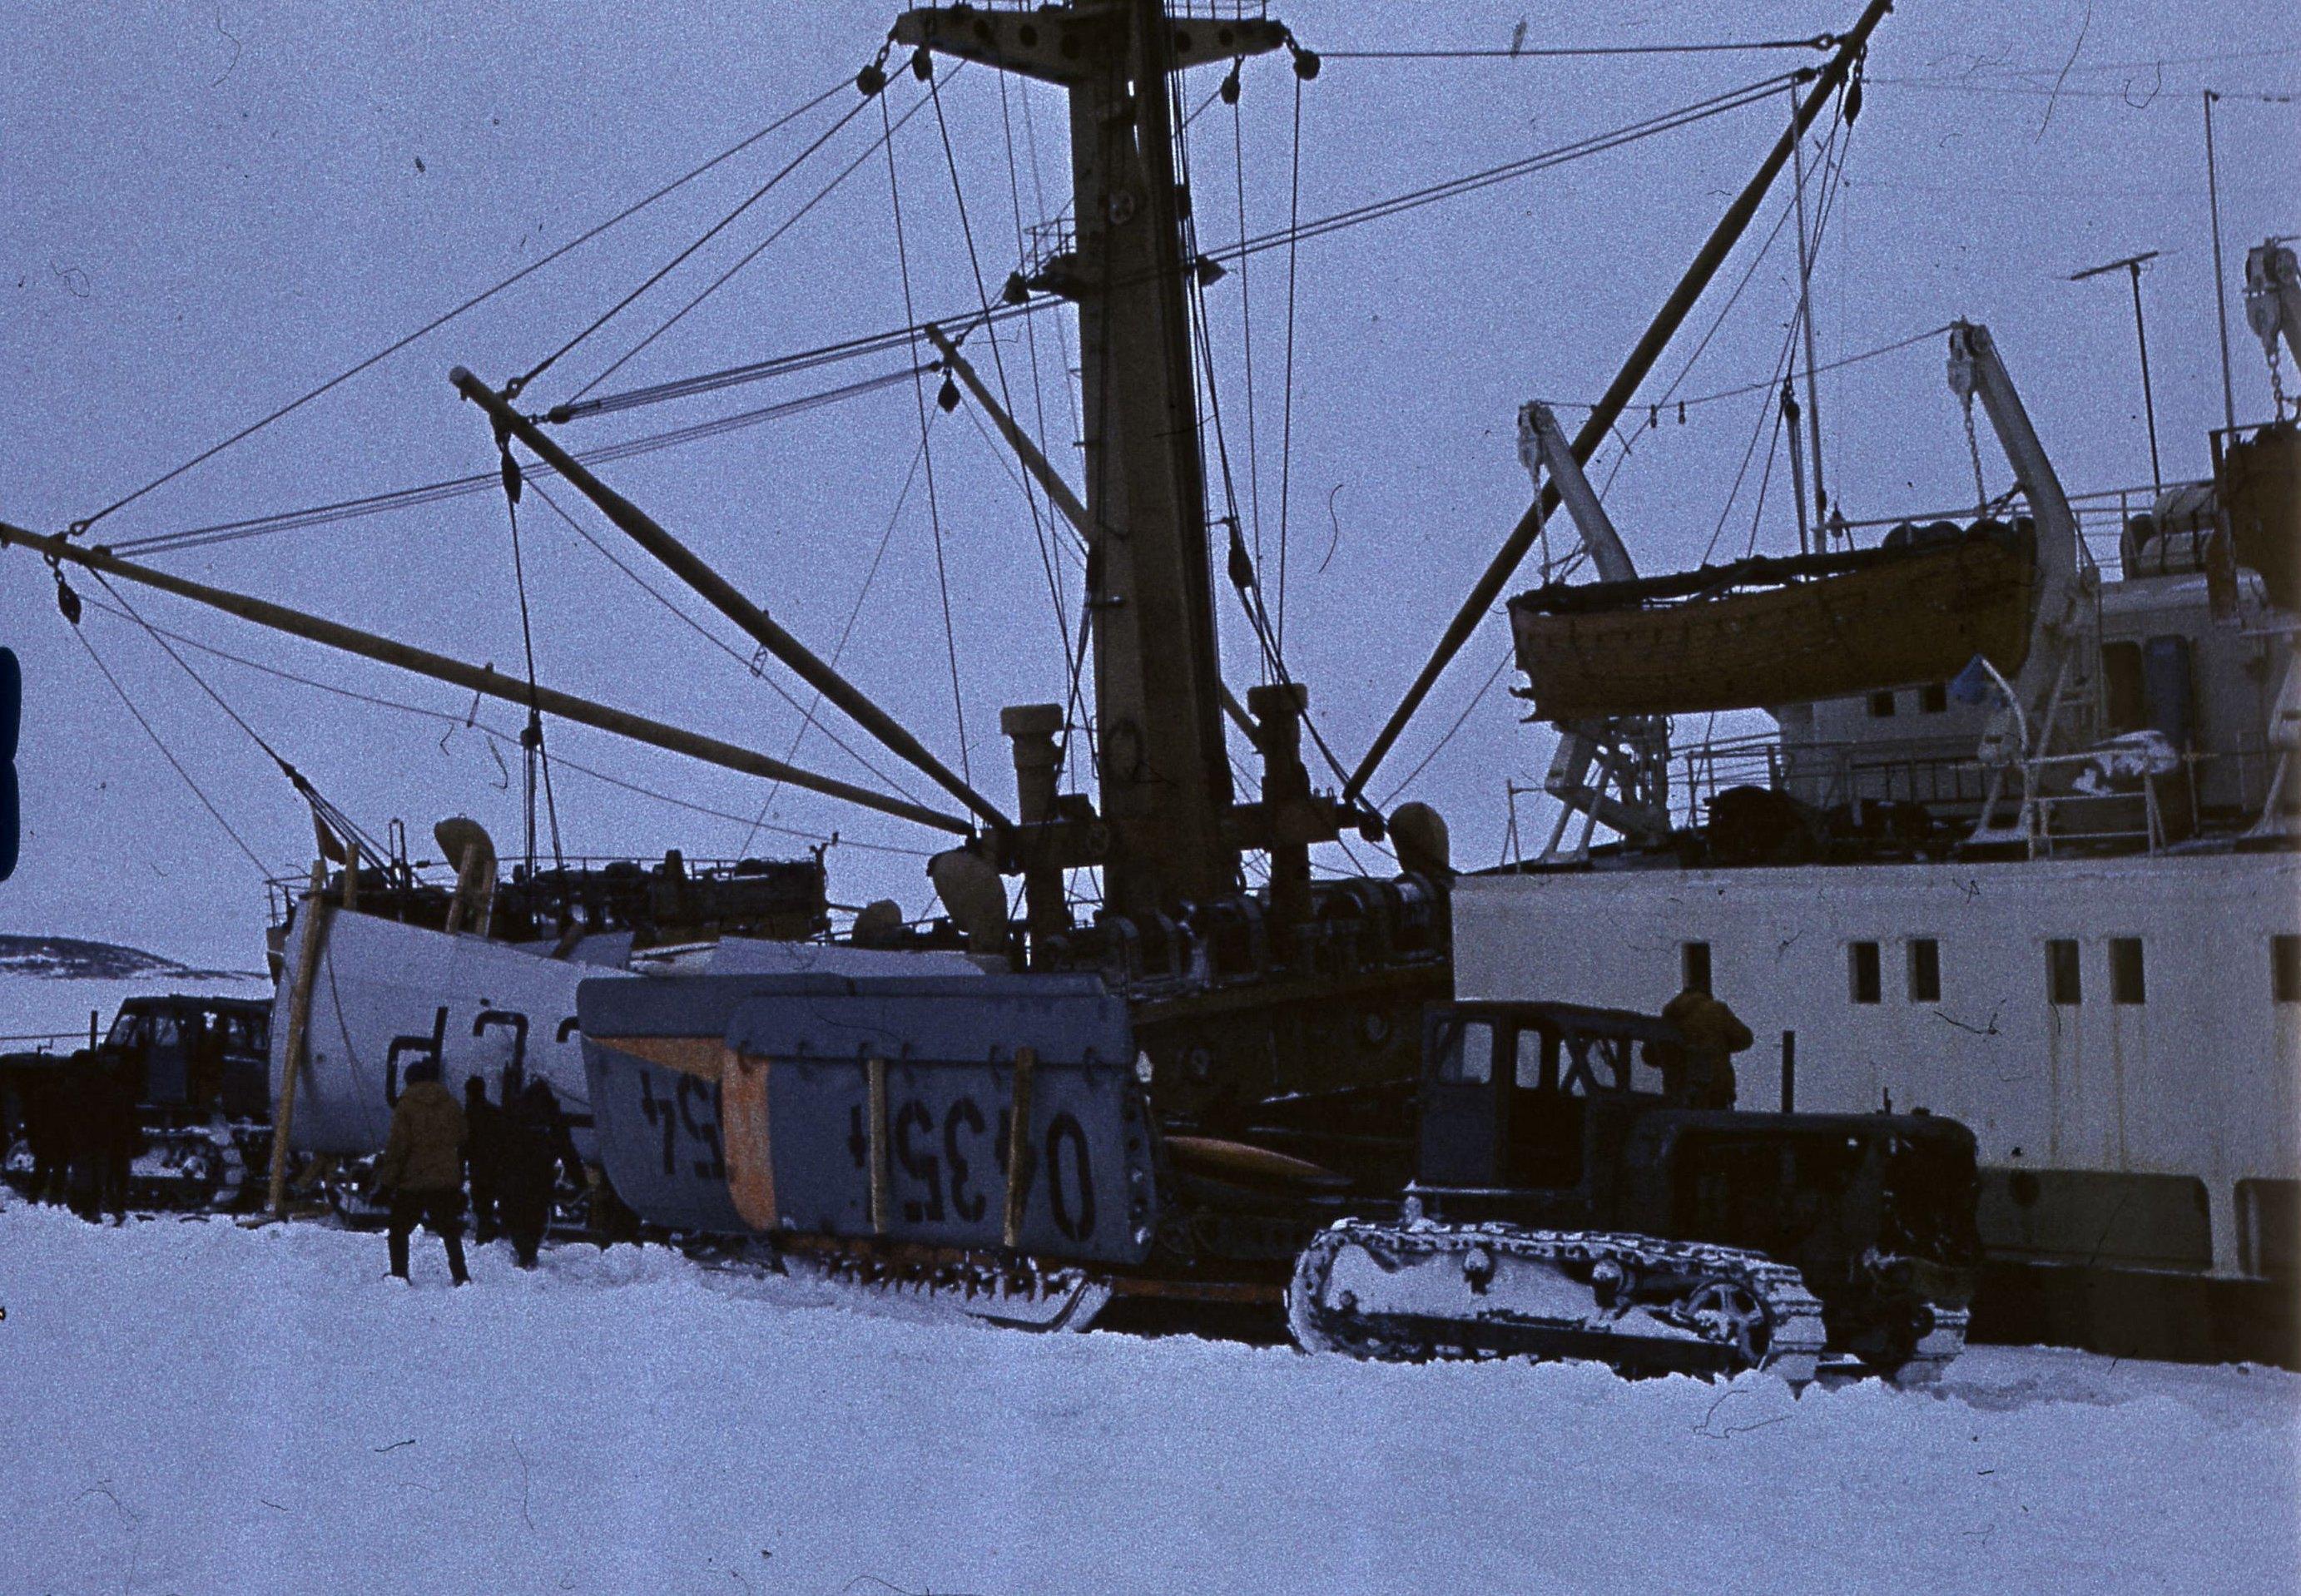 829765 Антарктическая станция _Молодёжная_.jpg